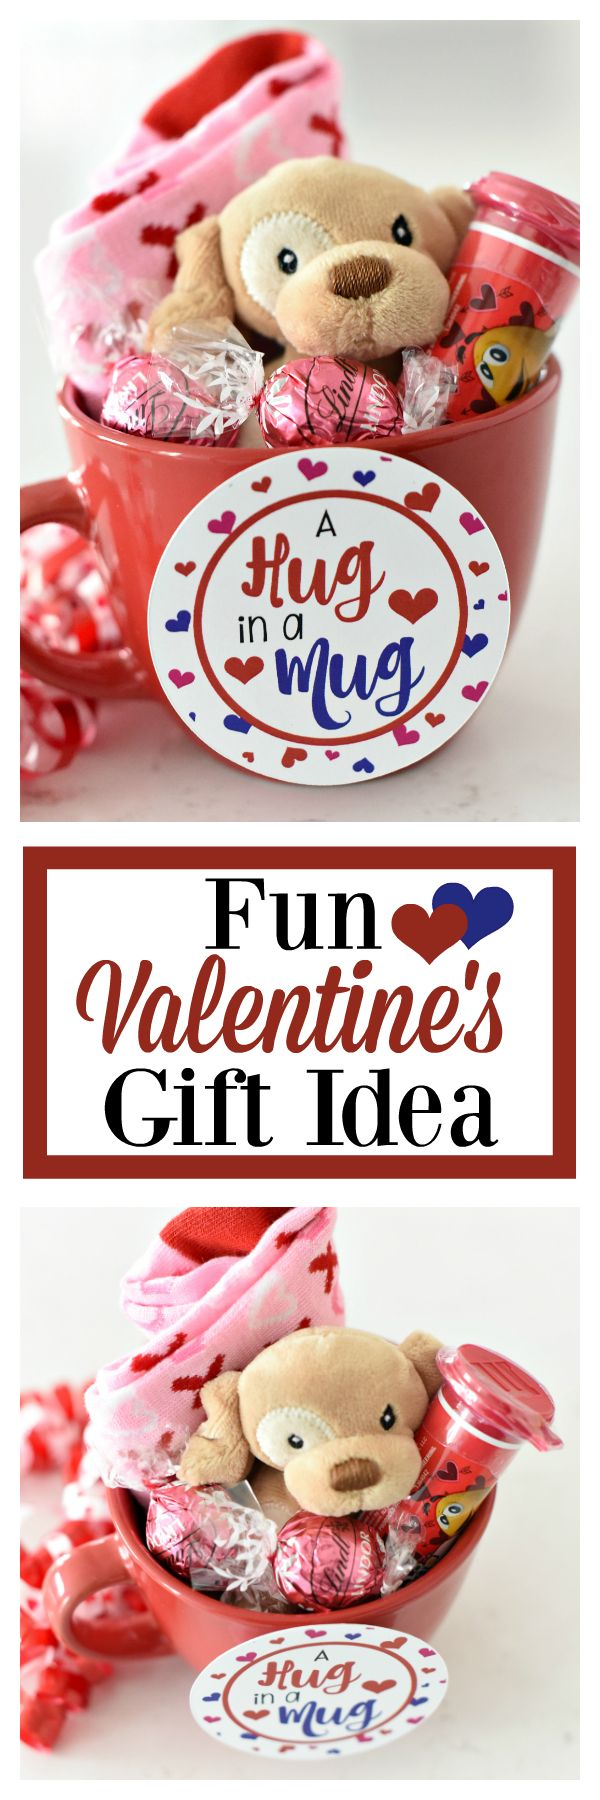 Fun Valentine's Day Gift Idea for kids